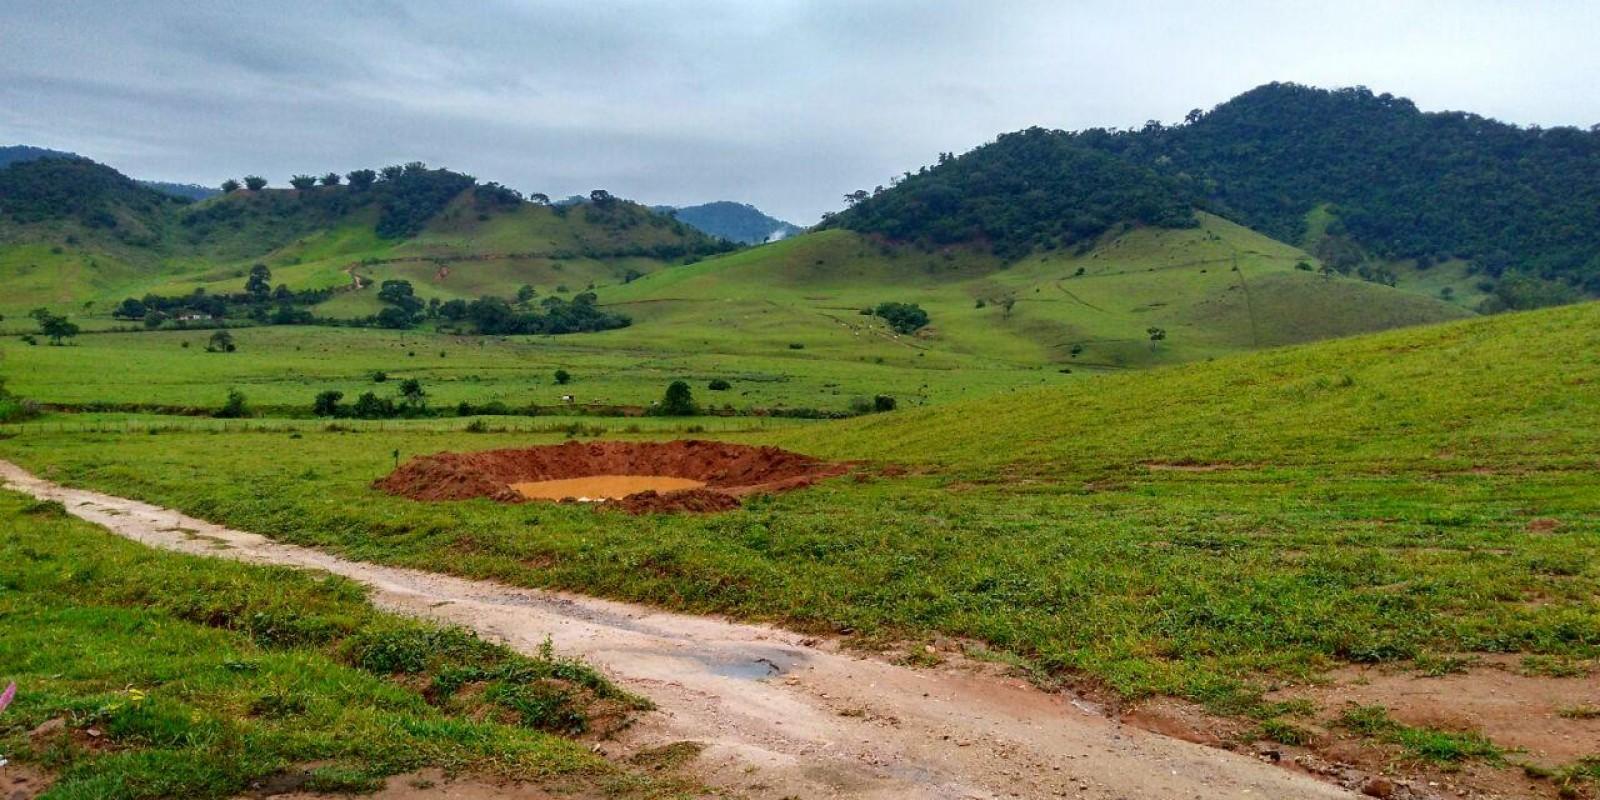 Ações promovem inclusão social de comunidades atingidas pelo rompimento da barragem em Mariana